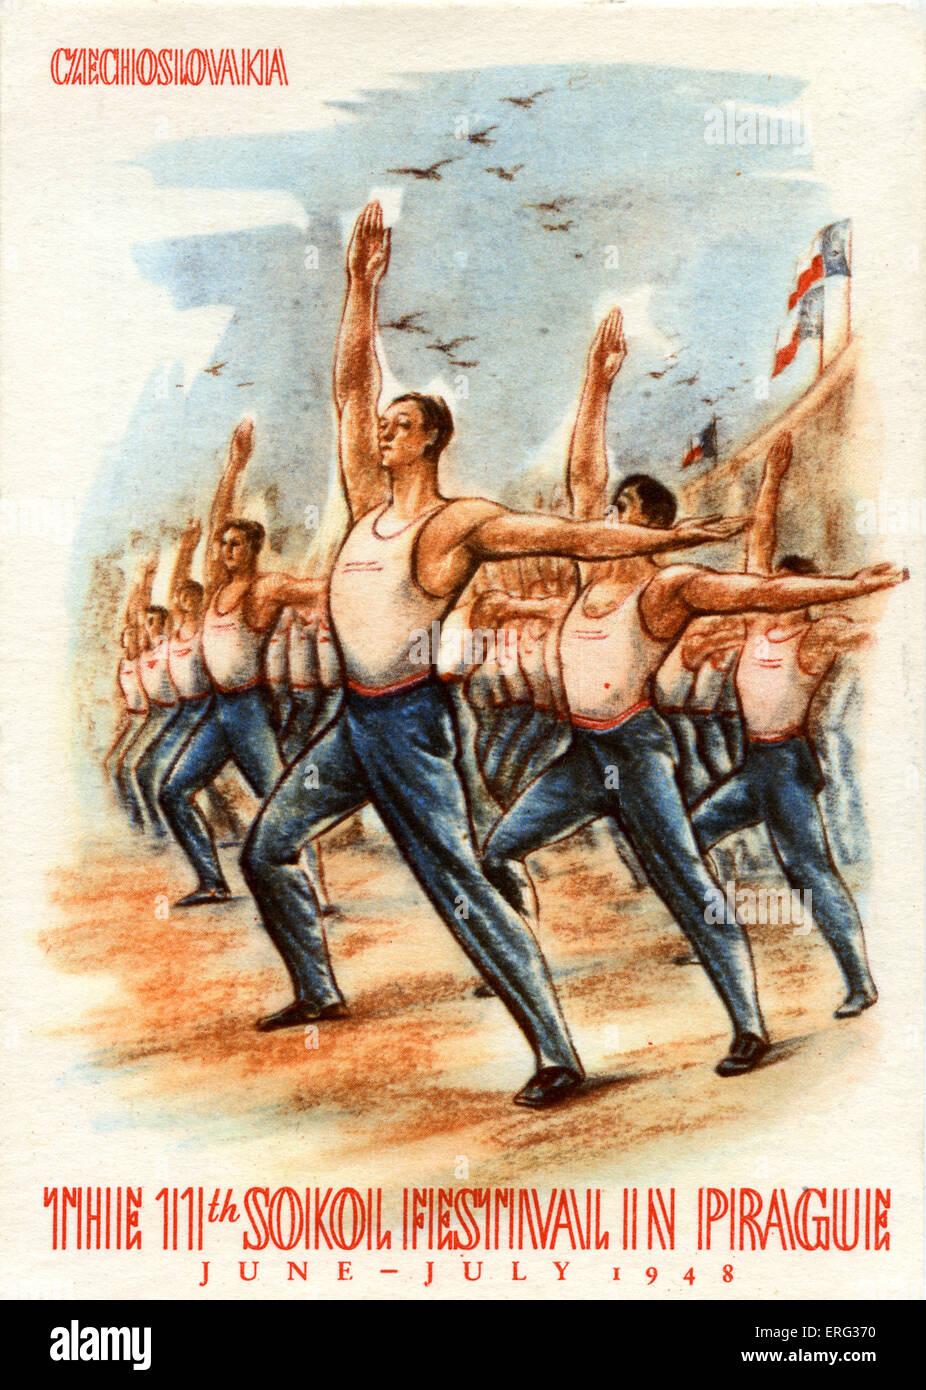 Xi Festival Sokol, una gioventù lo sport e la ginnastica festival, tenutosi a Praga in giugno - luglio 1948. Immagini Stock